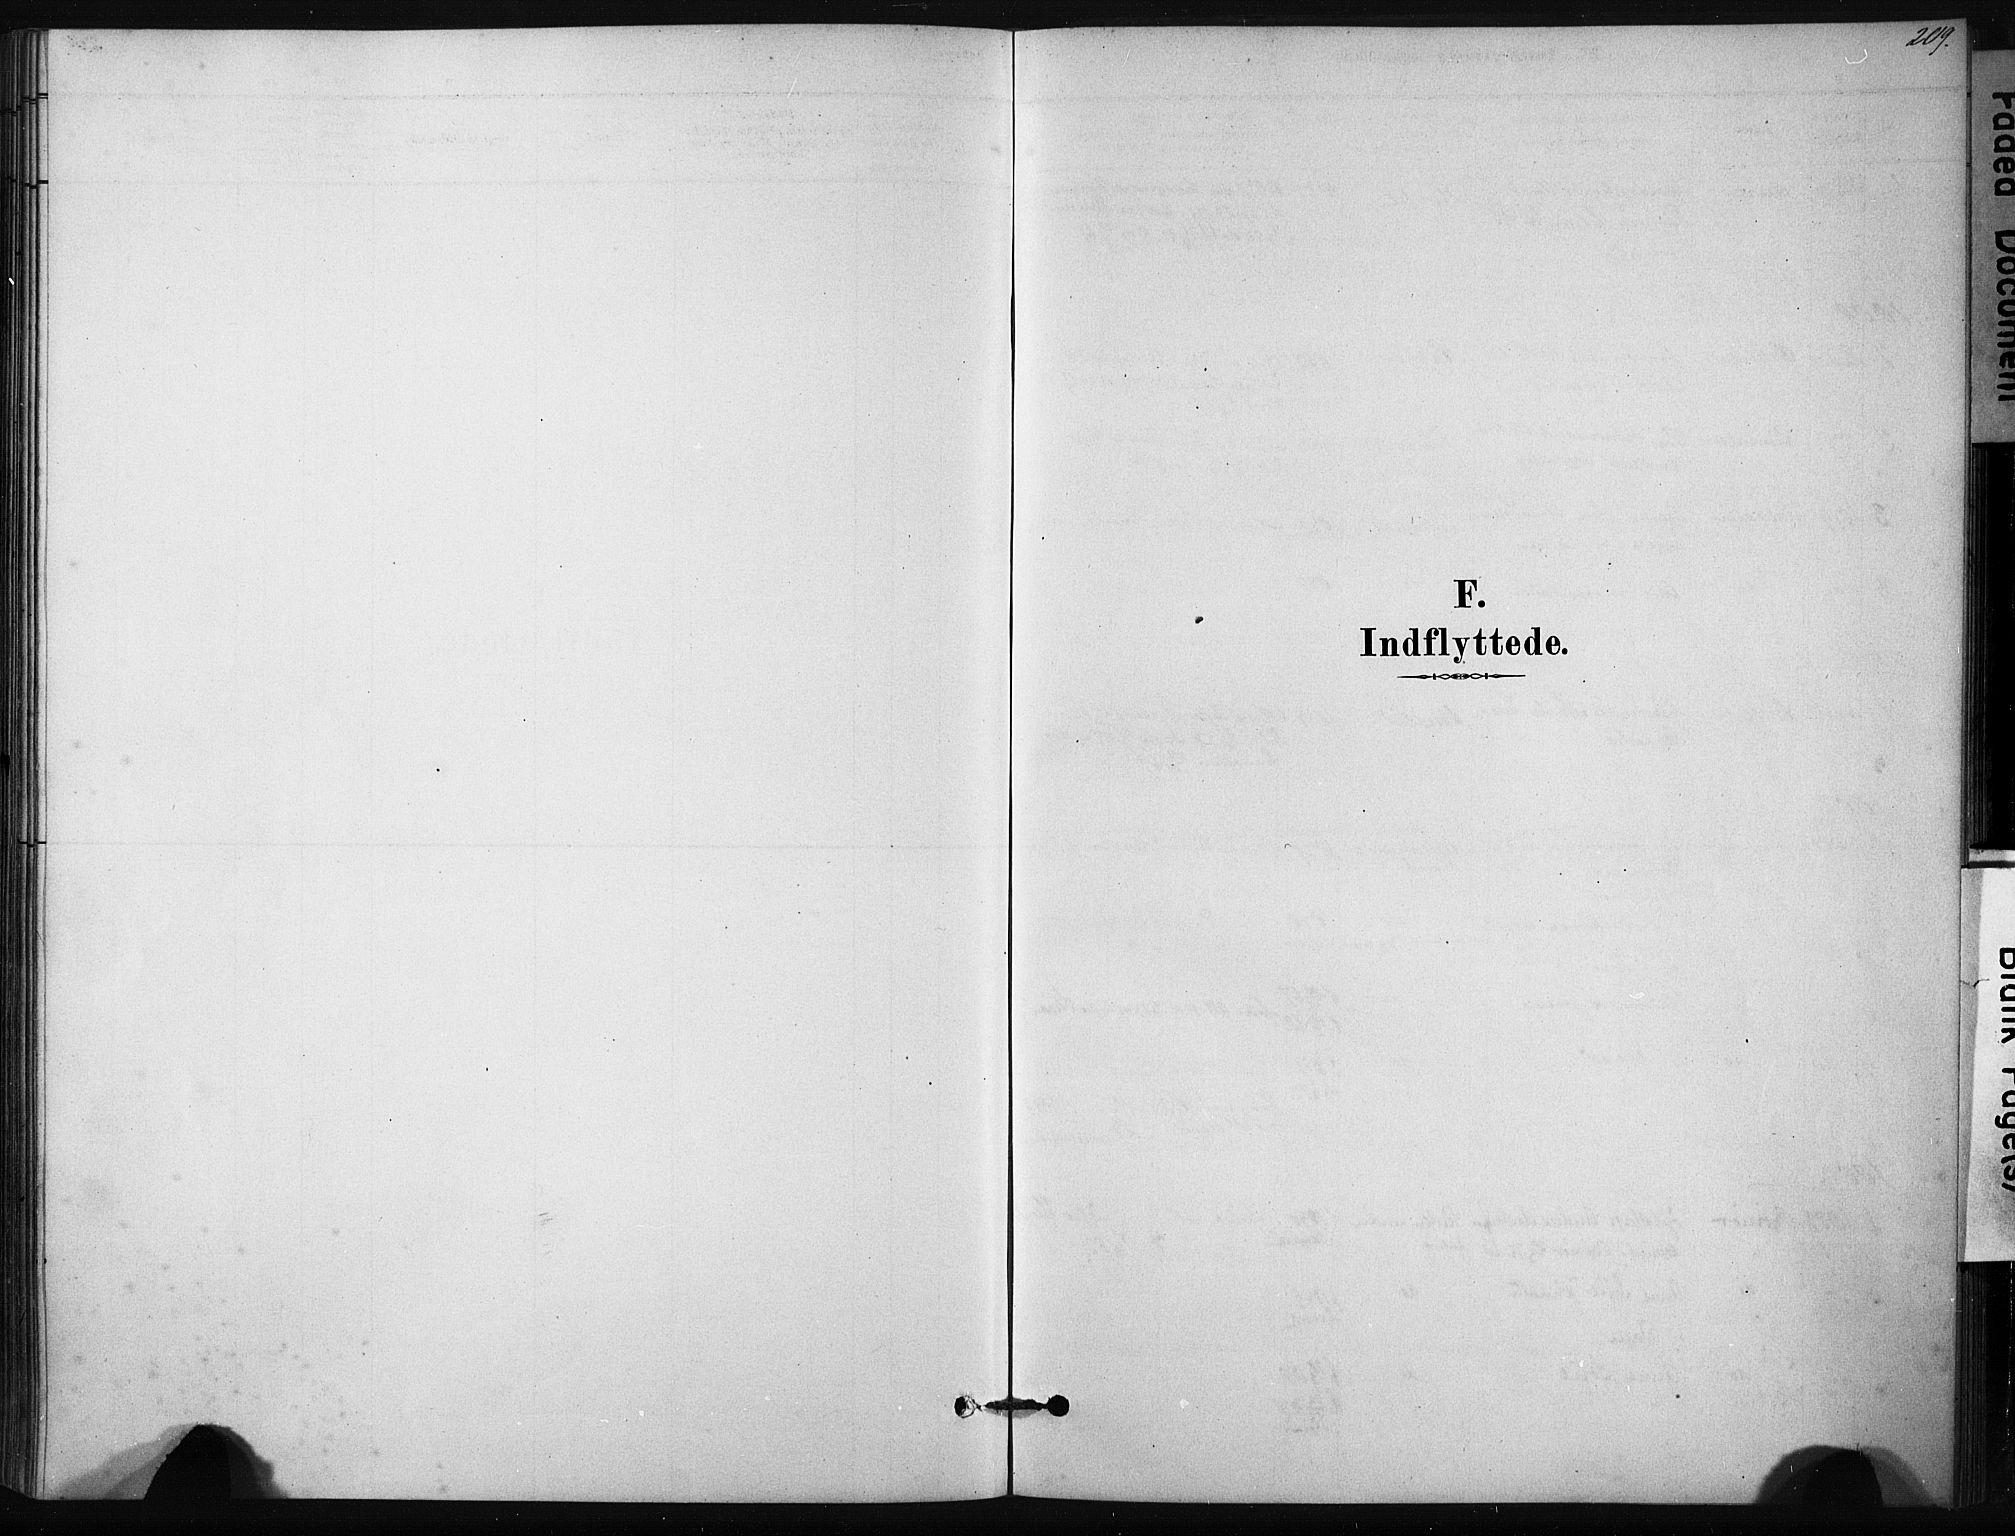 SAT, Ministerialprotokoller, klokkerbøker og fødselsregistre - Sør-Trøndelag, 631/L0512: Ministerialbok nr. 631A01, 1879-1912, s. 209